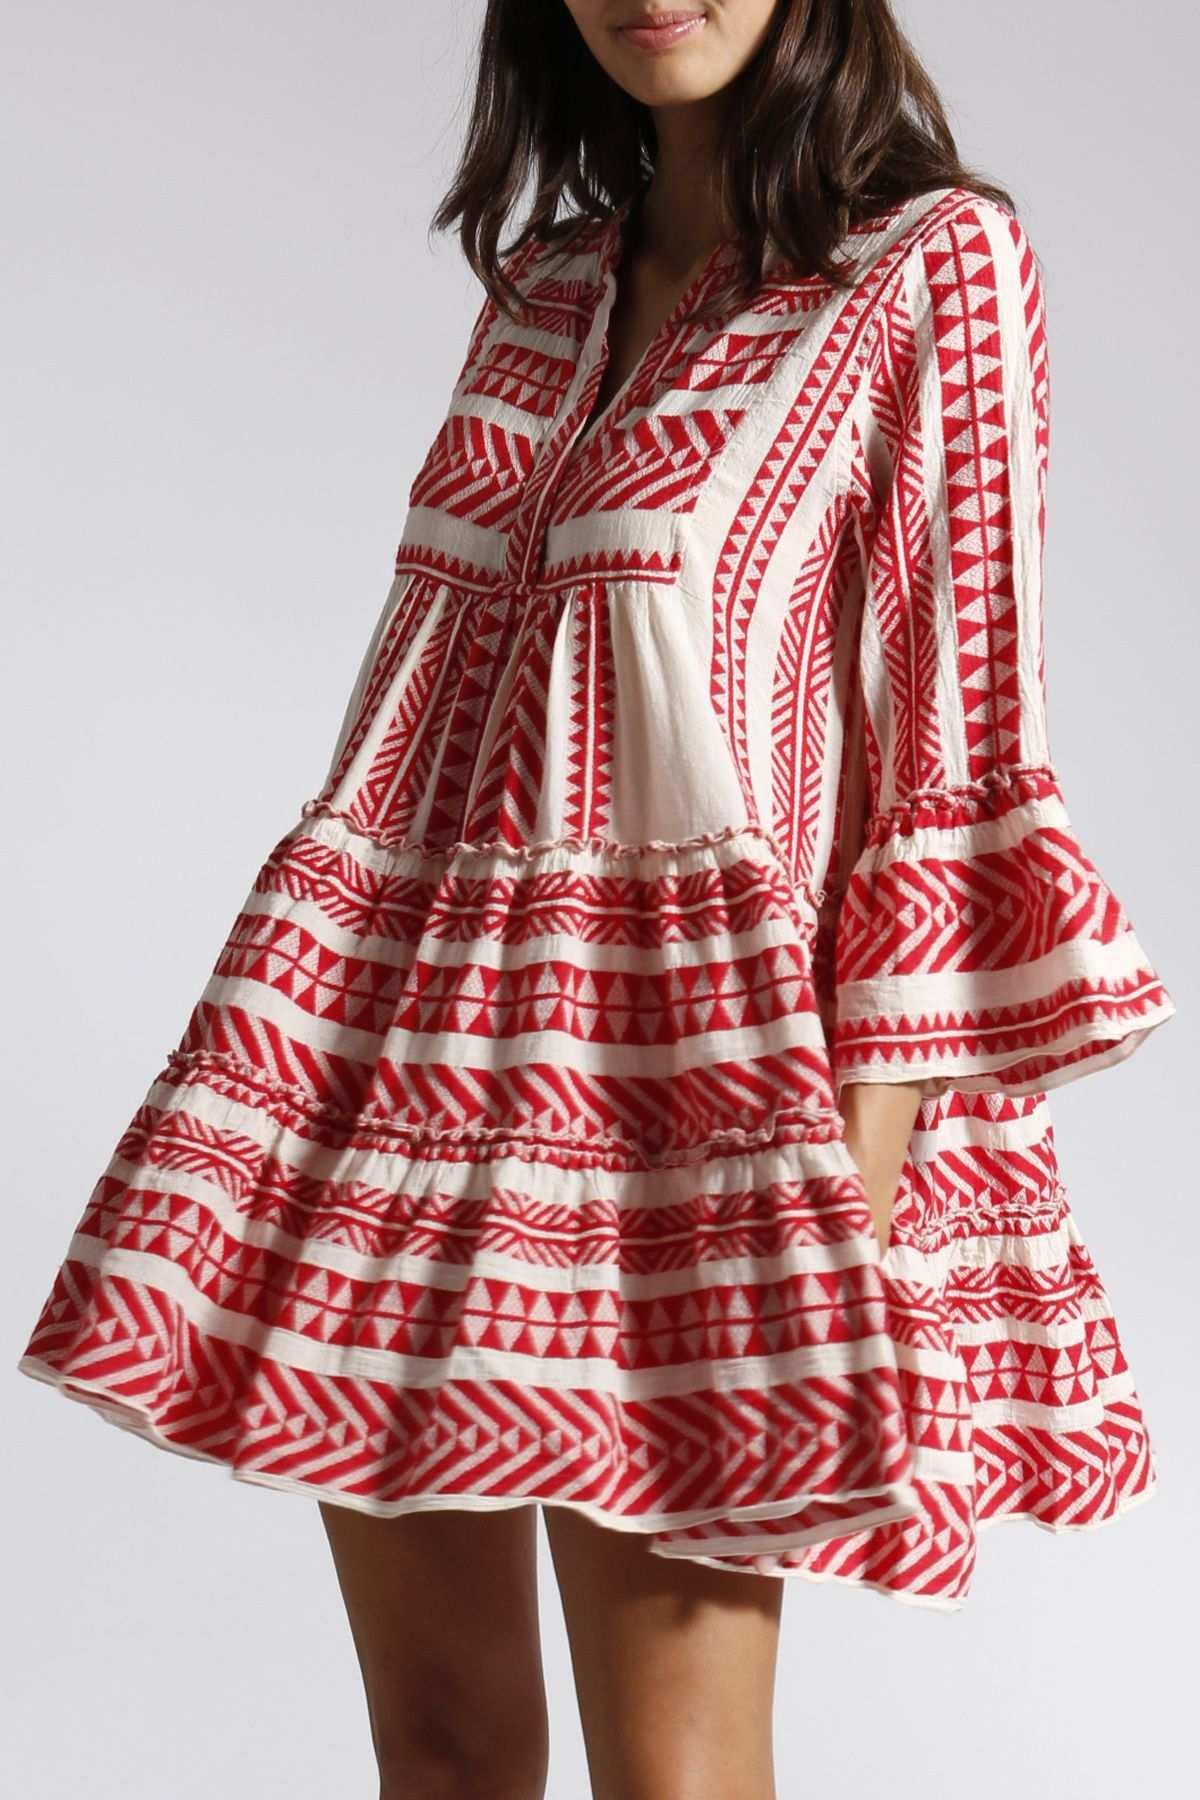 Gemustertes Tunikakleid Aus Baumwolle Rot Weiss Tunika Kleid Kleider Lassiges Kleid